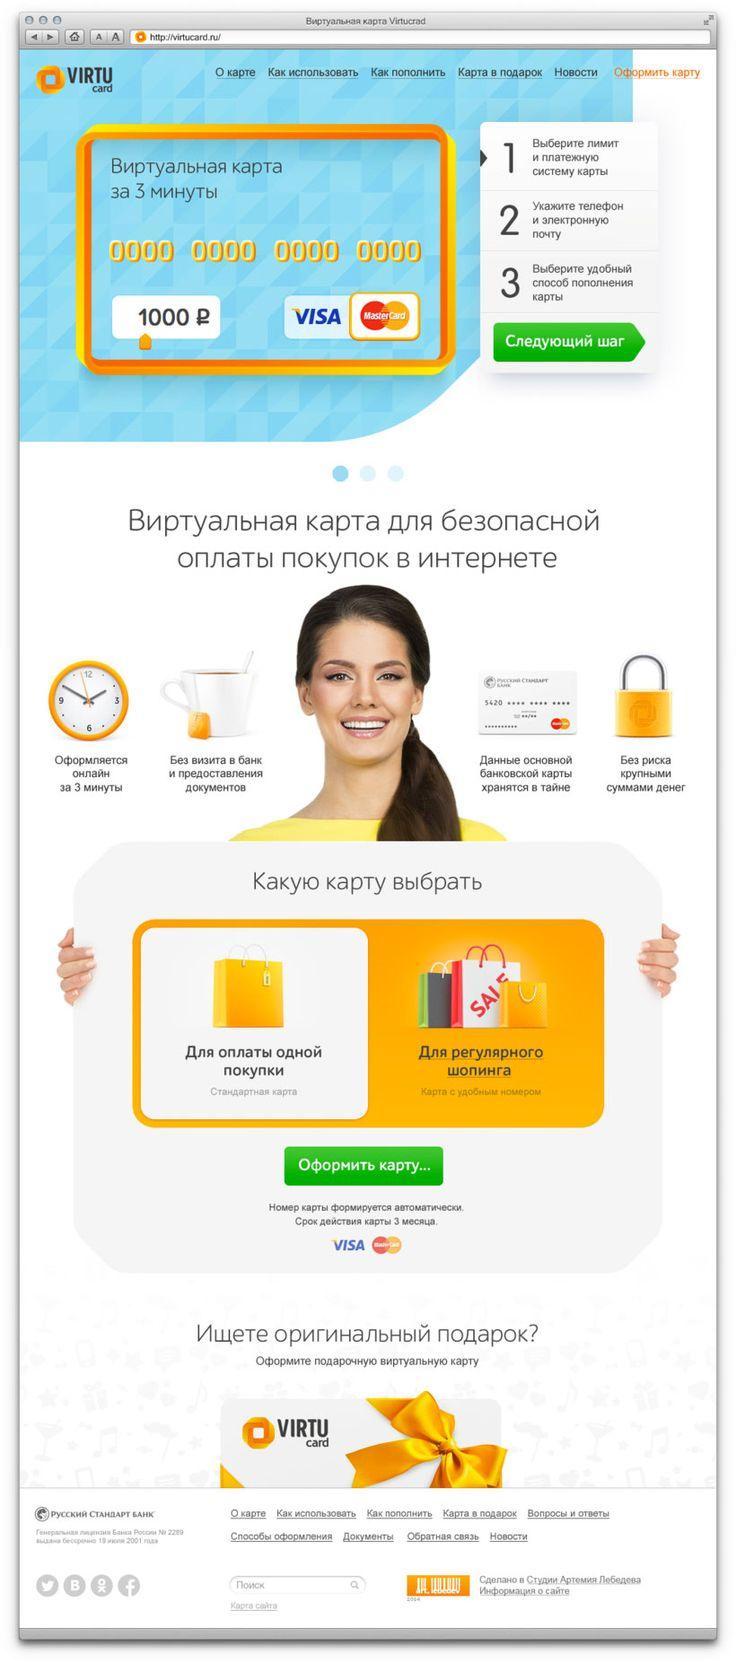 Сайт виртуальной карты банка «Русский стандарт»